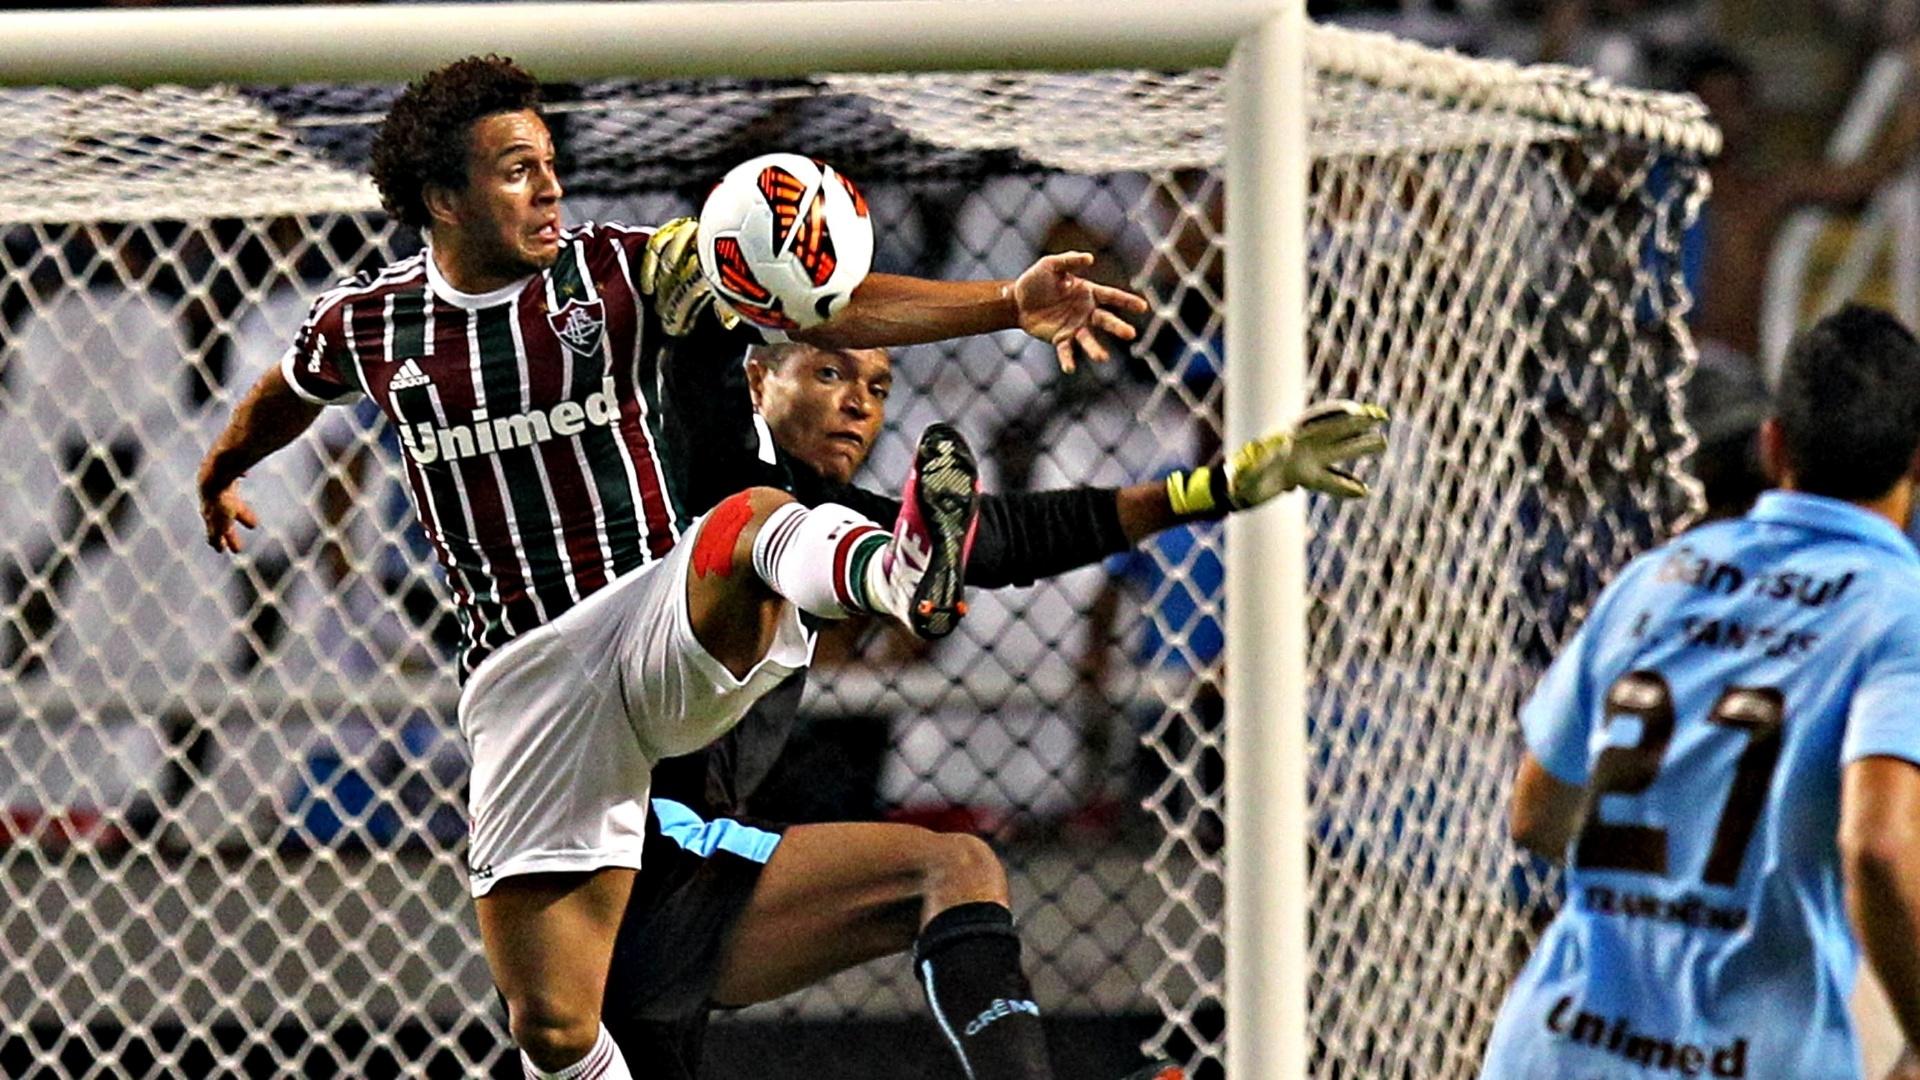 20.fev.2013 - Wellington Nem, atacante do Fluminense, disputa a bola com o goleiro Dida, do Grêmio